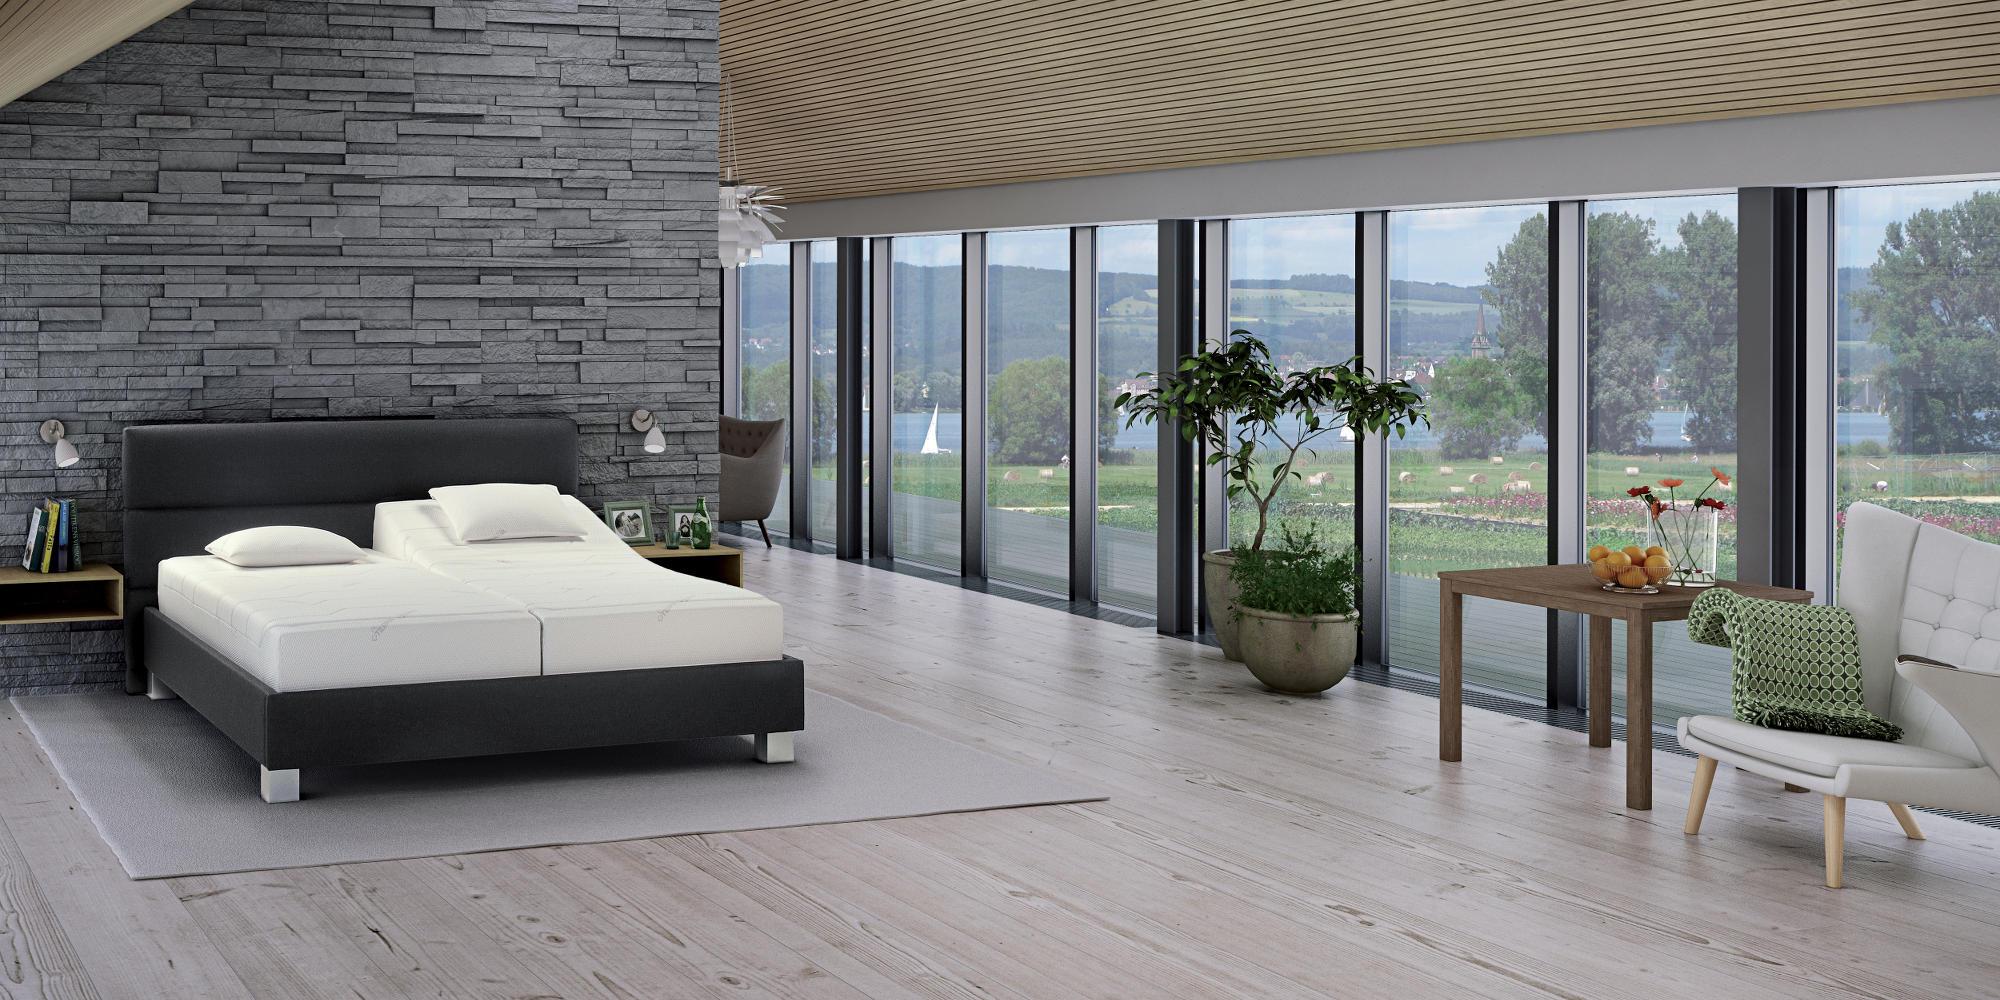 magasin de literie sur rennes bretagne lit matelas sommier et convertible. Black Bedroom Furniture Sets. Home Design Ideas